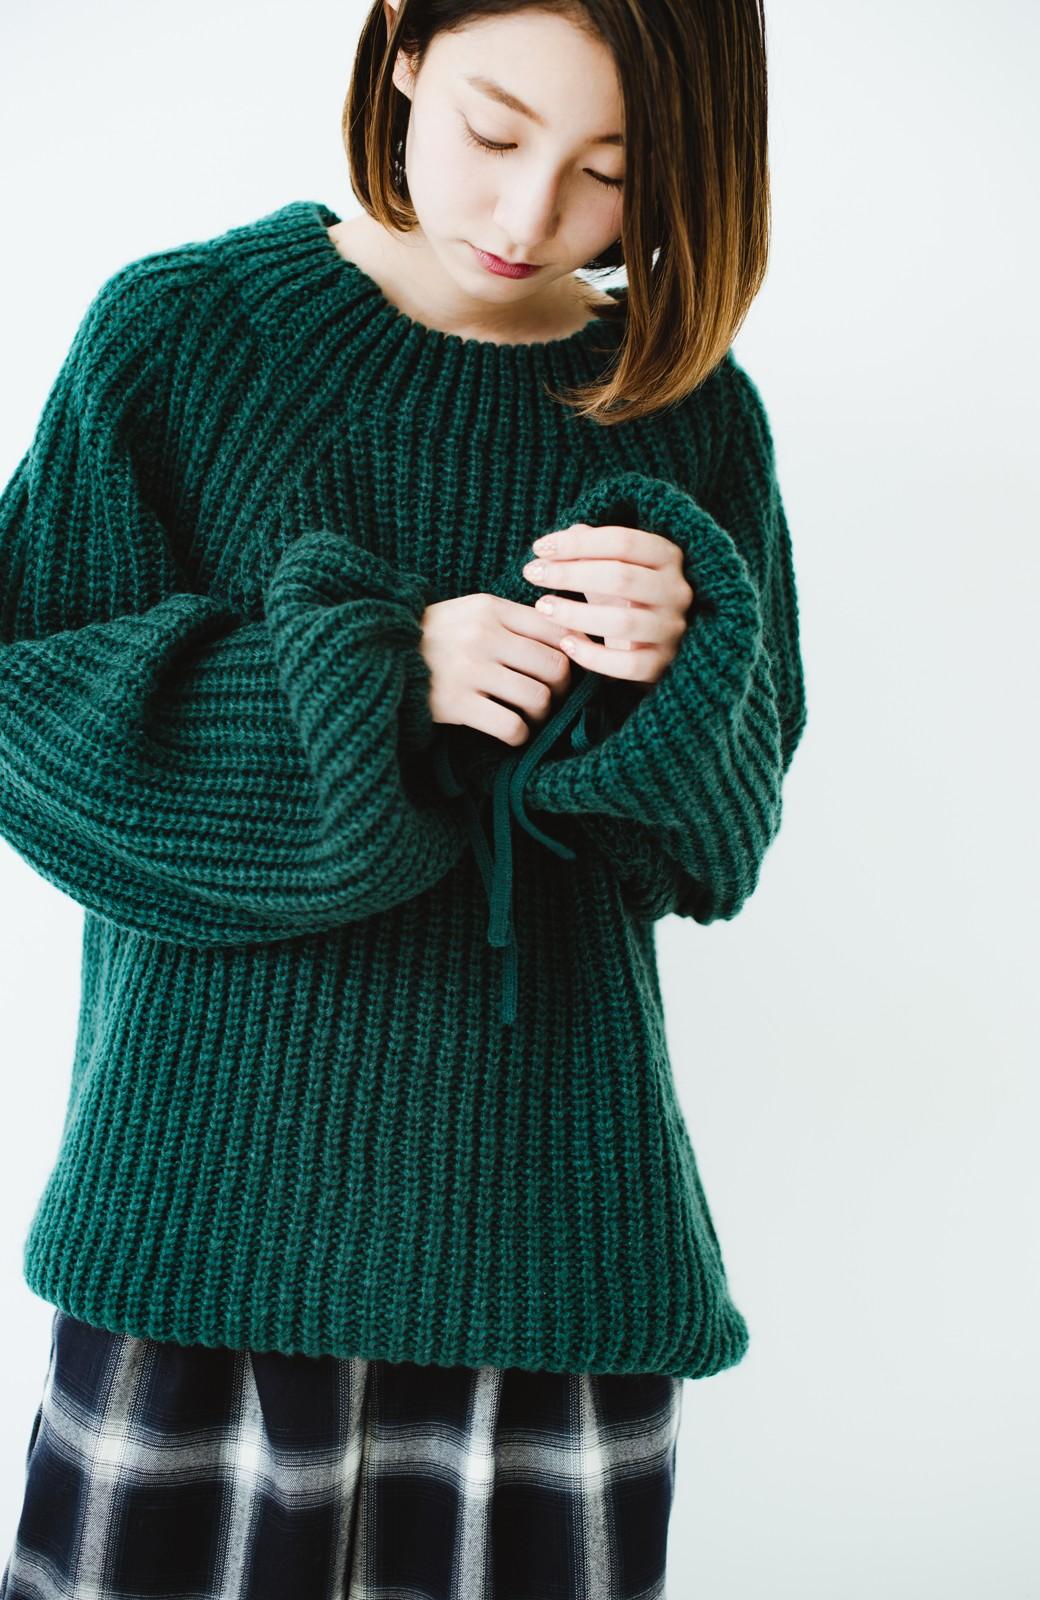 haco! ボリューム感が華奢見せさせる 袖リボンあぜ編みニット <グリーン>の商品写真10